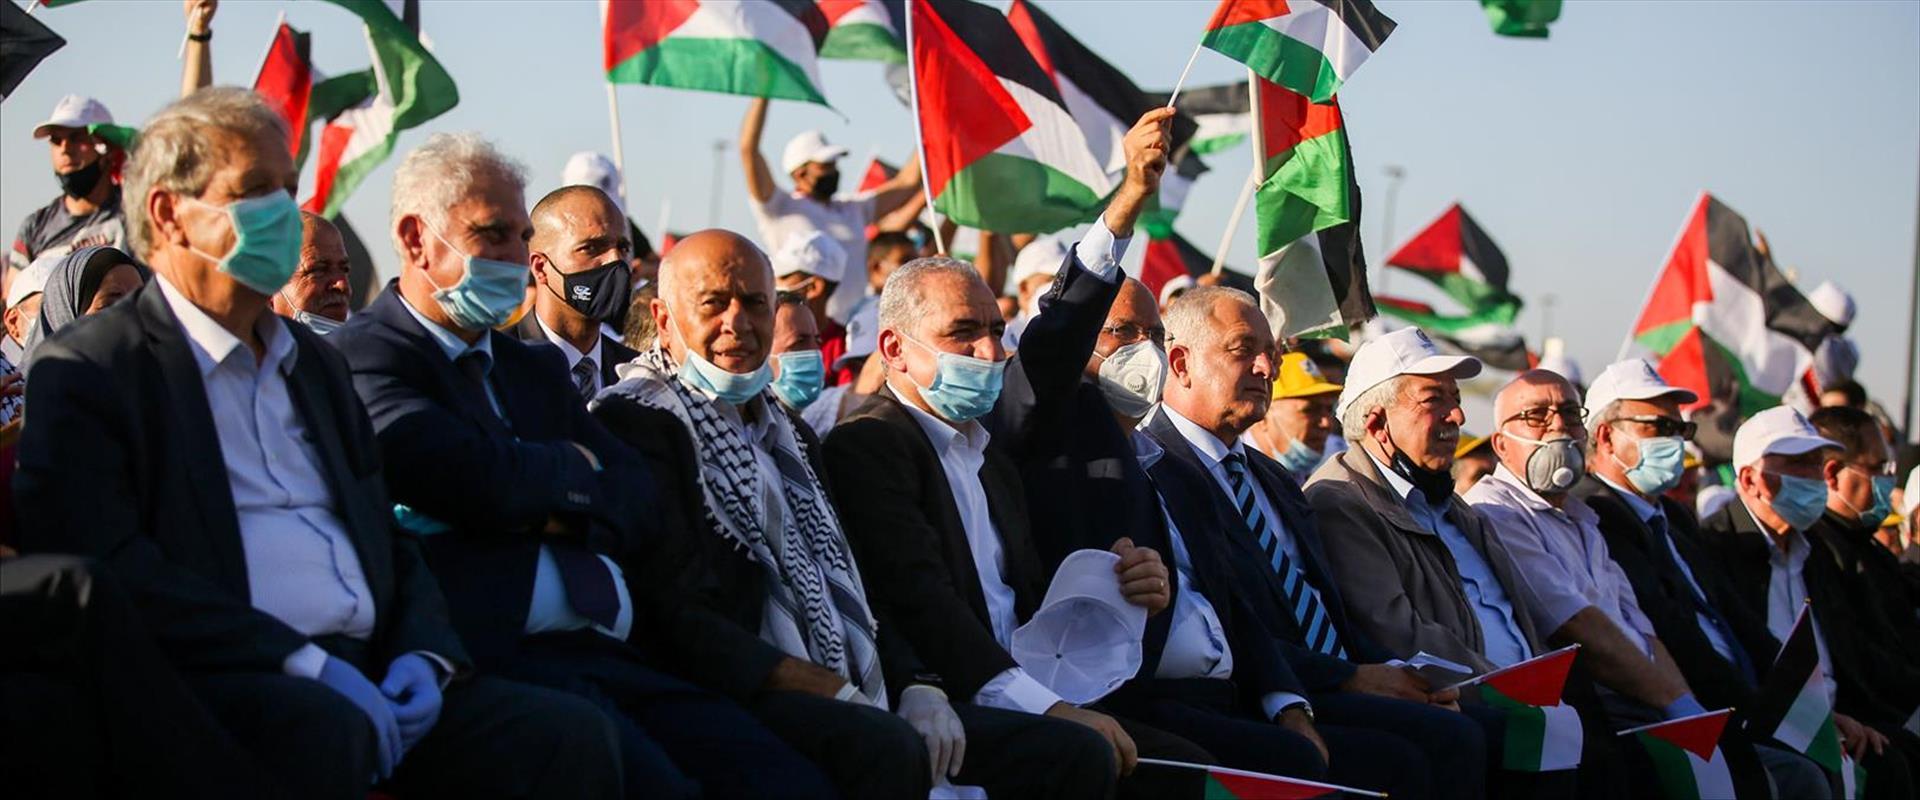 פלסטינים מפגינים נגד יזמת החלת הריבונות